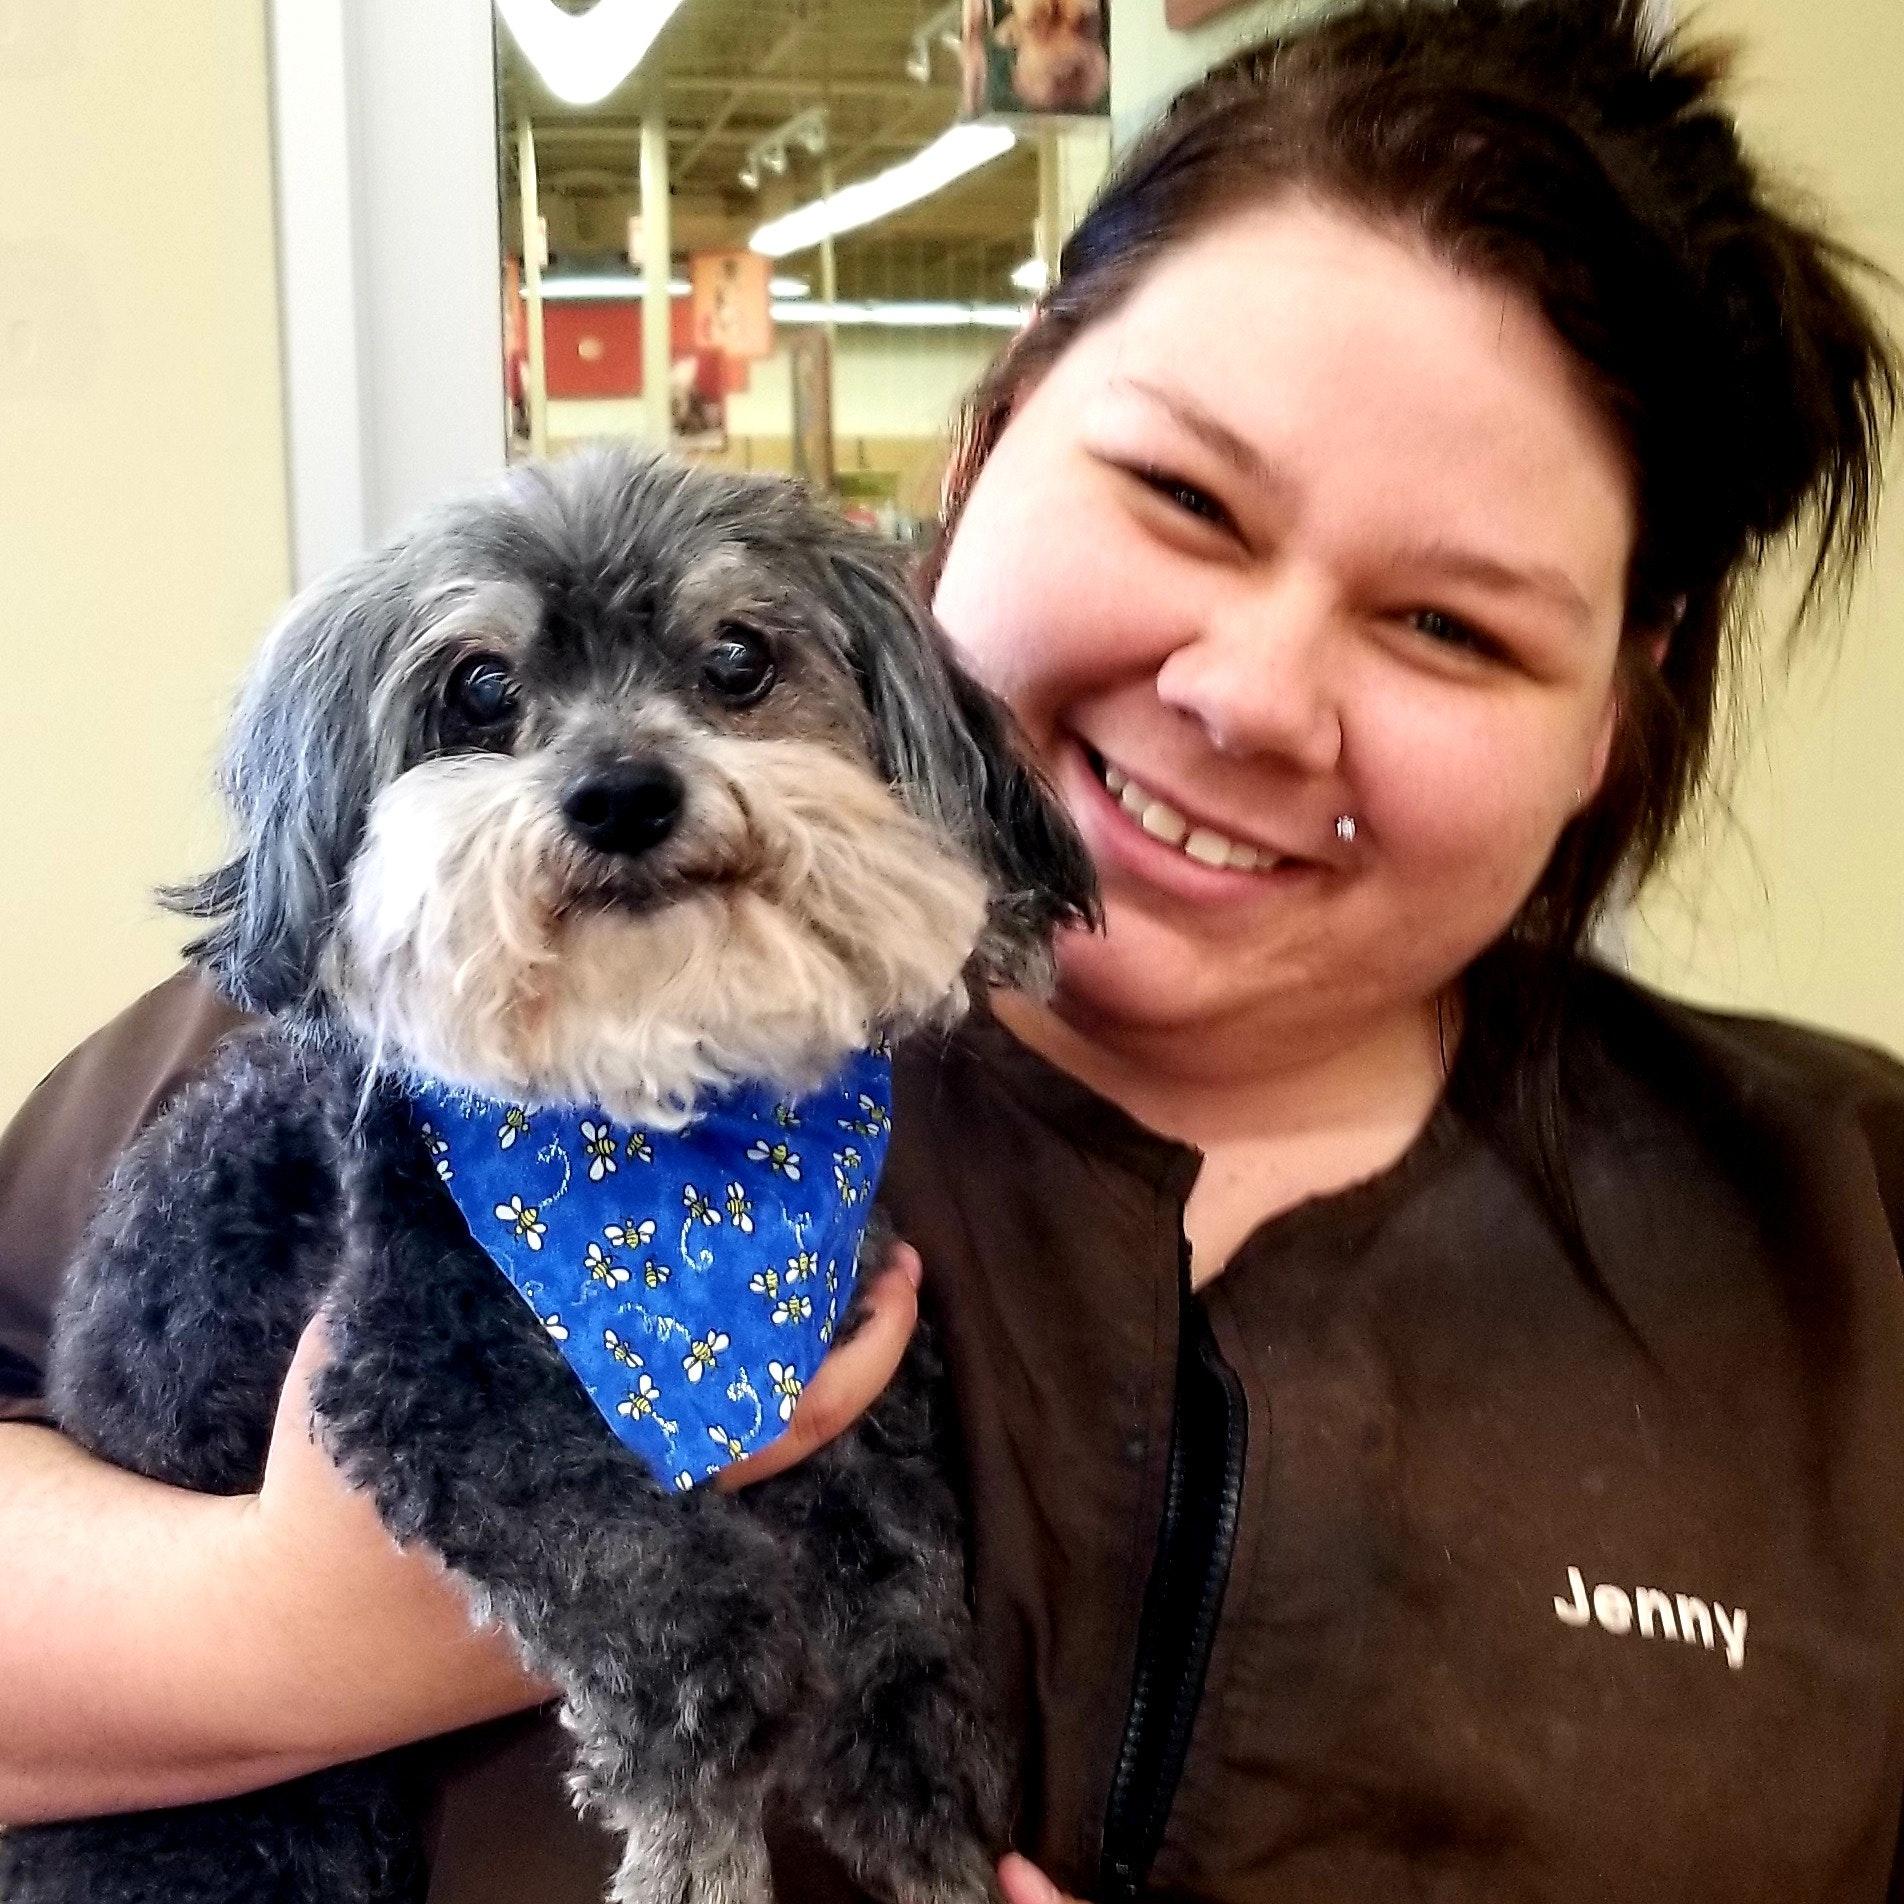 Jennifer Lynn's dog day care